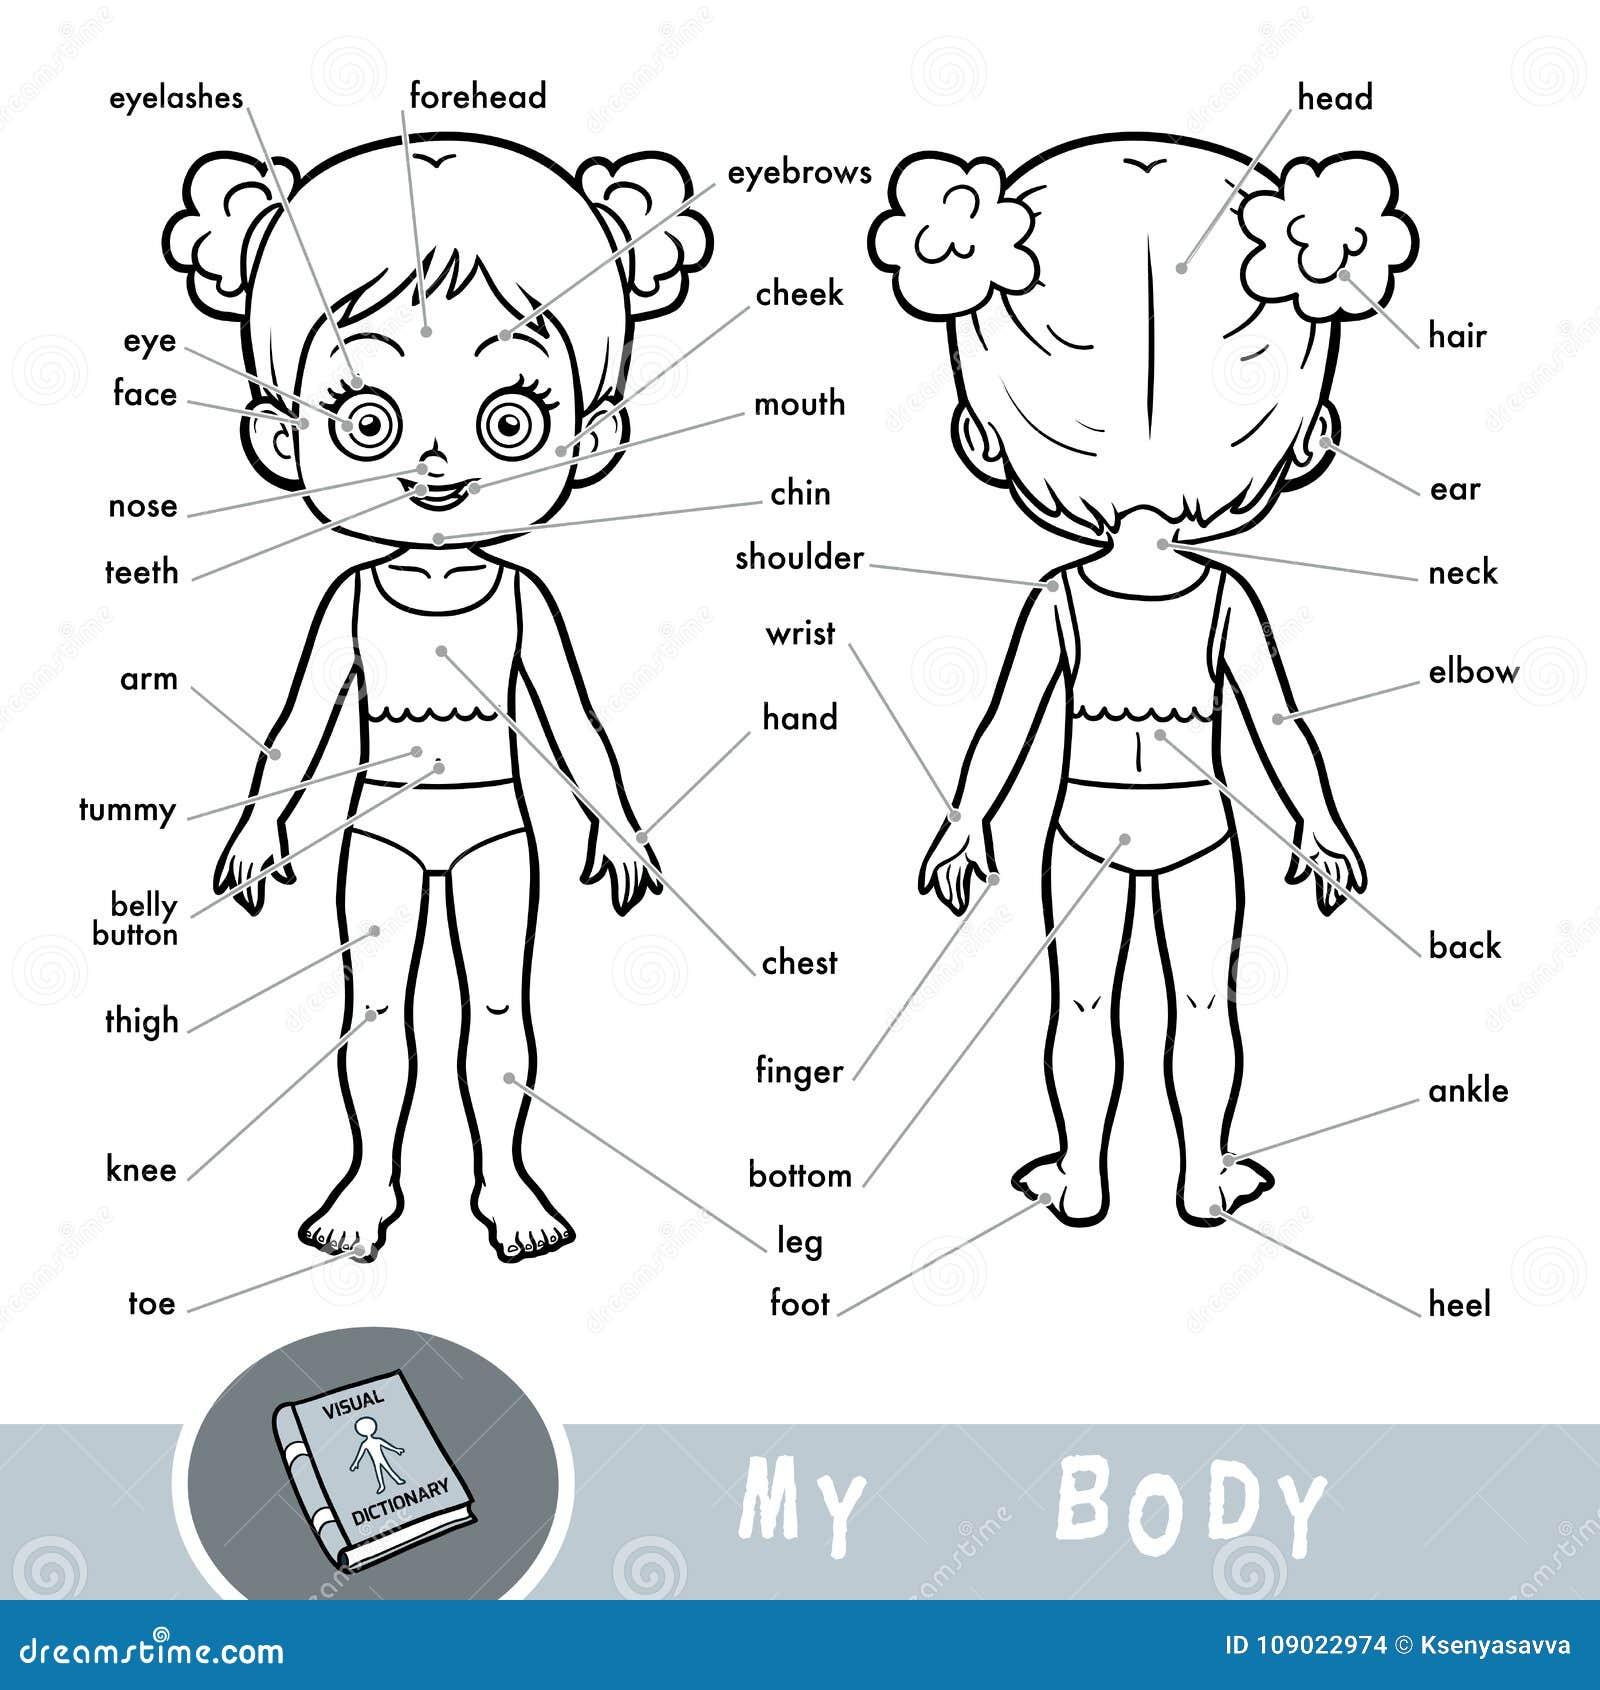 Diccionario Visual Sobre El Cuerpo Humano Mis Partes Del Cuerpo Para ...